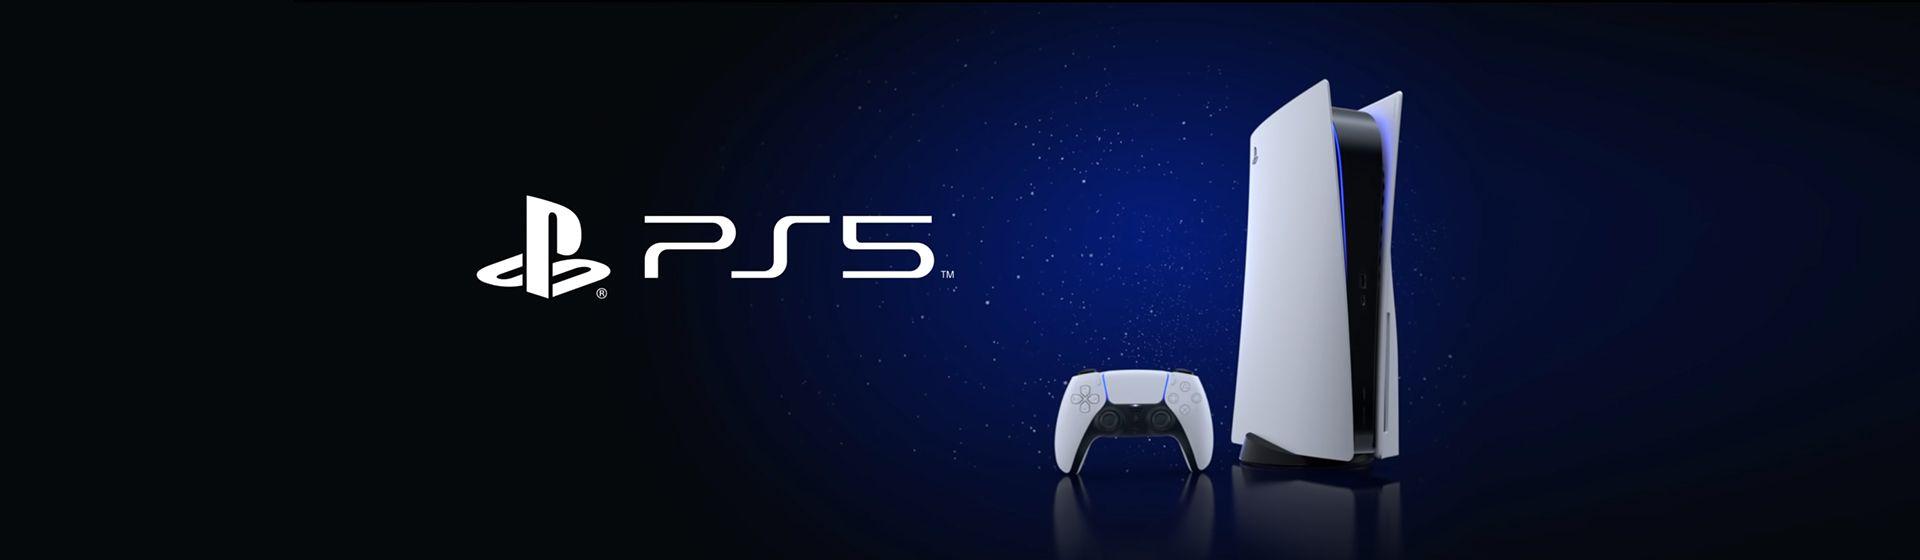 PlayStation 5: Sony declara que todas as unidades do console foram vendidas